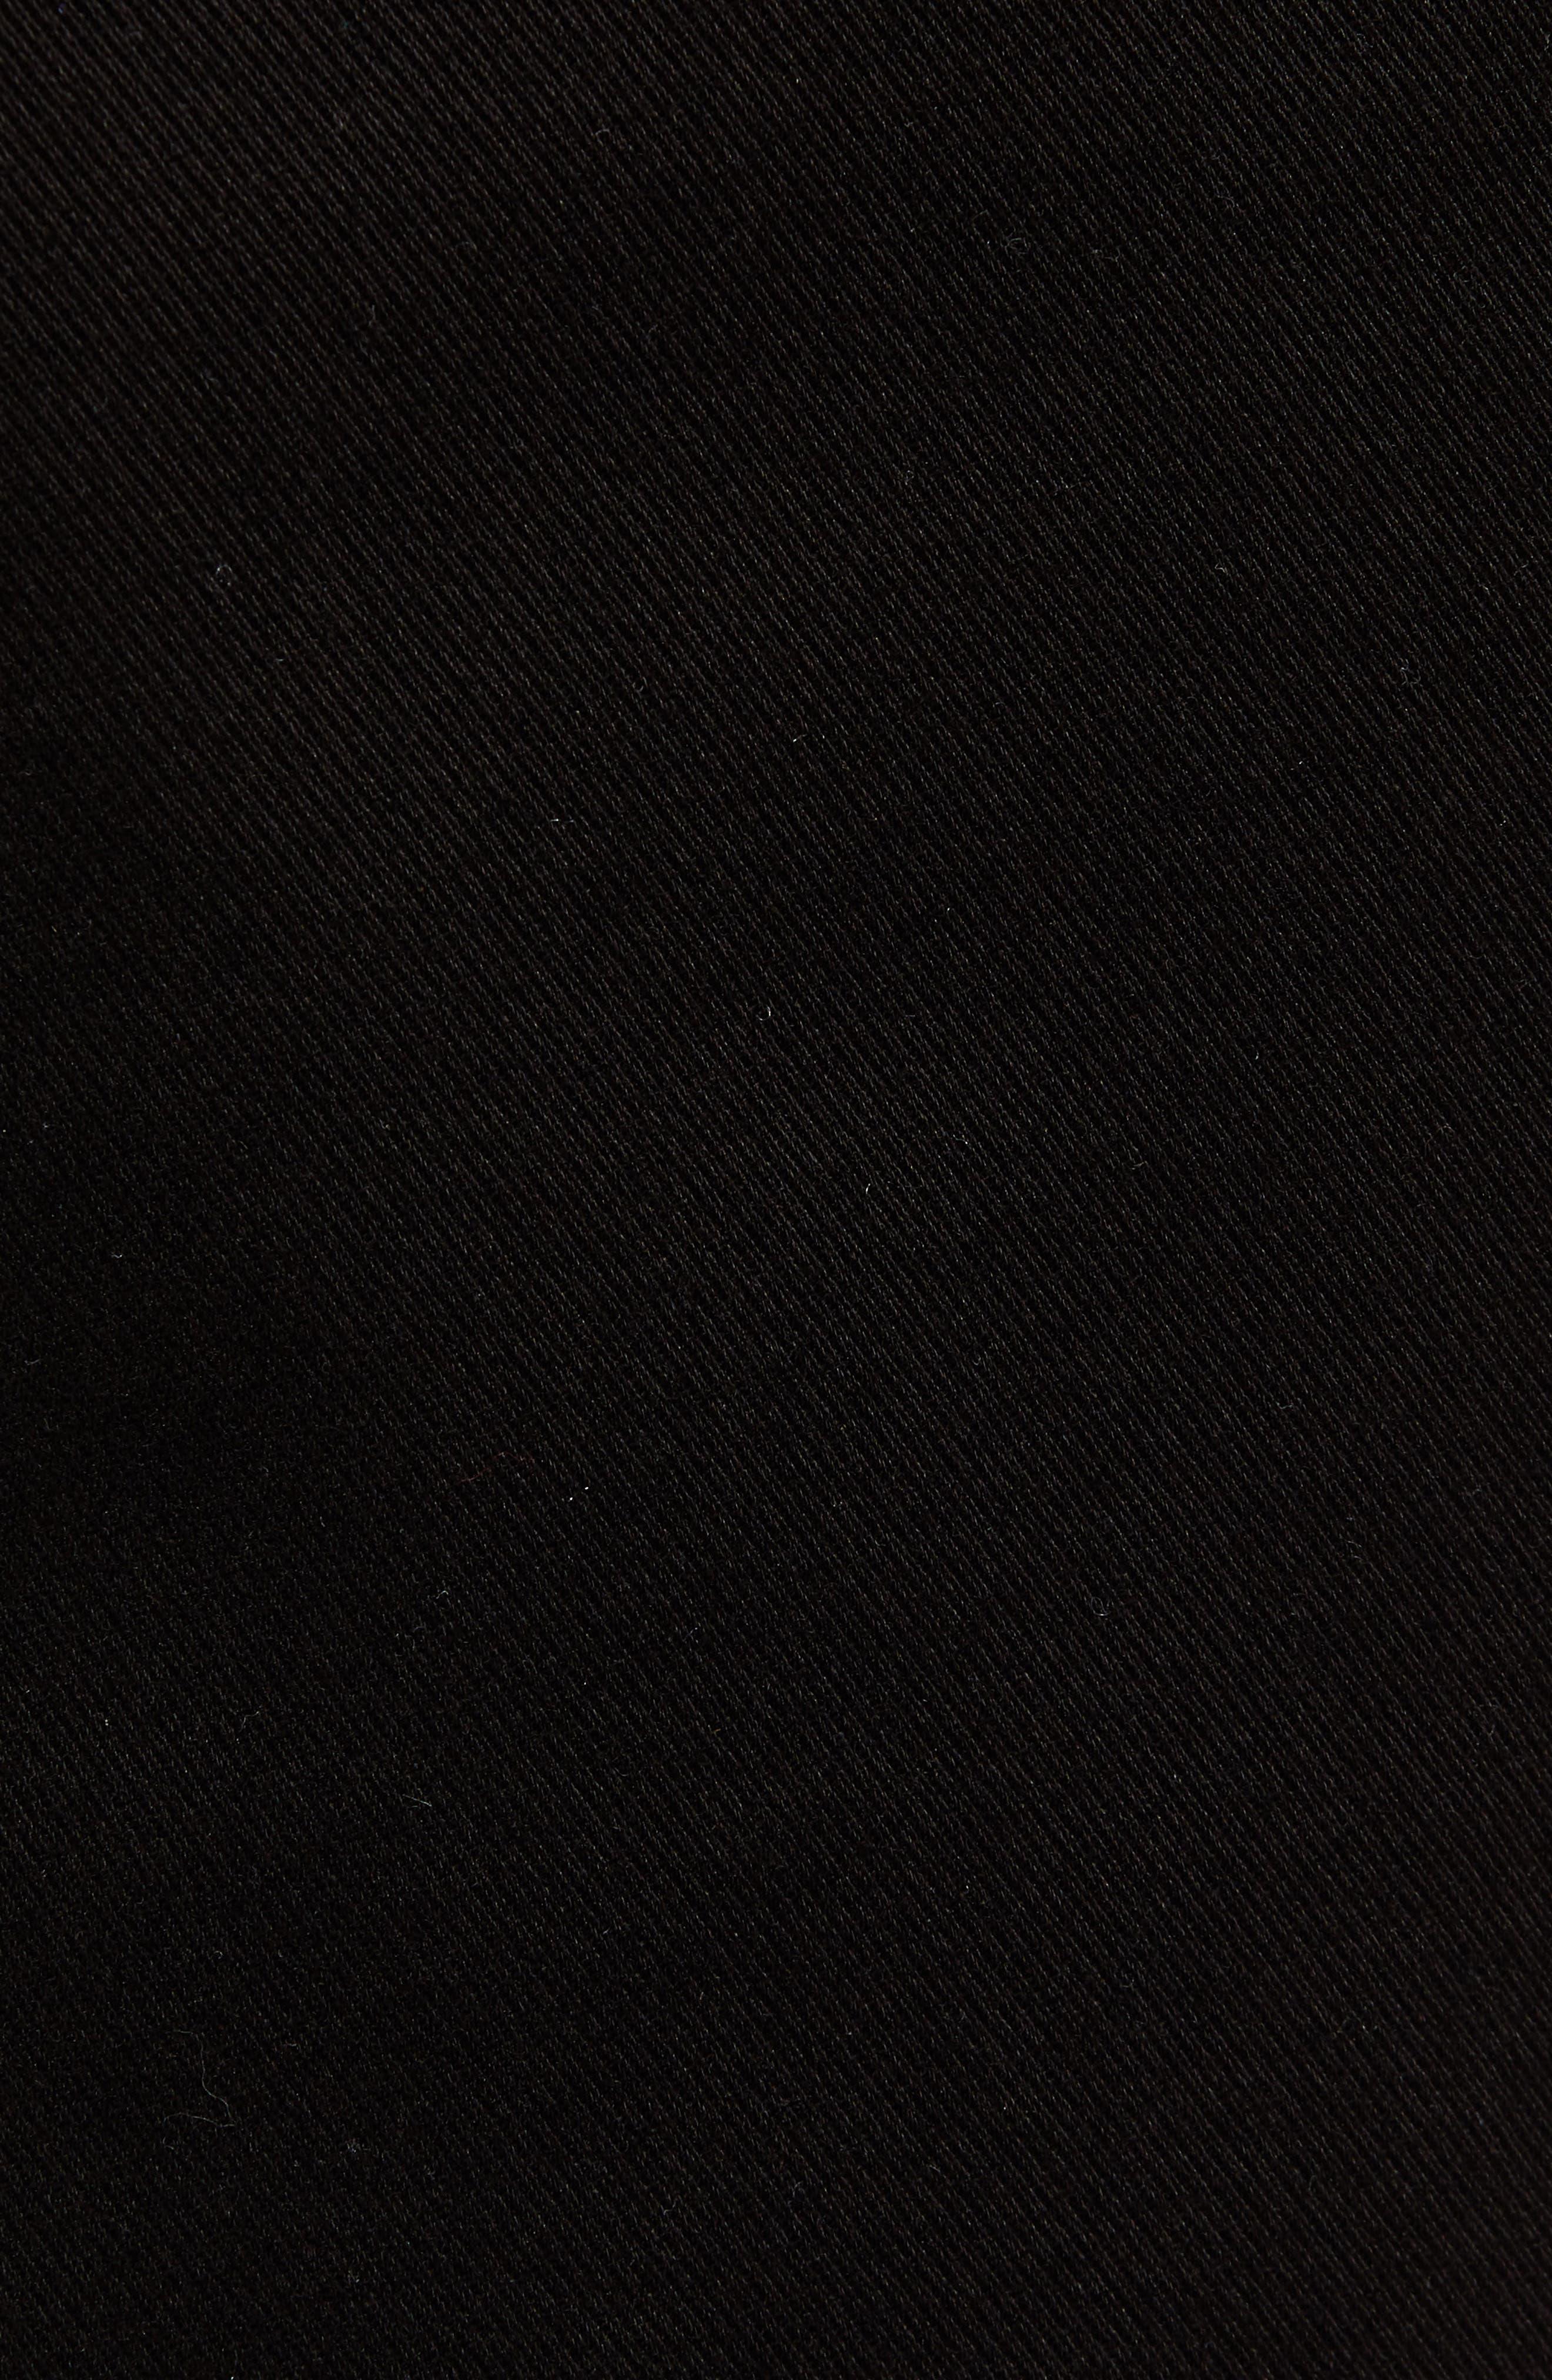 Hudson Leo Drop Crotch Pants,                             Alternate thumbnail 5, color,                             001